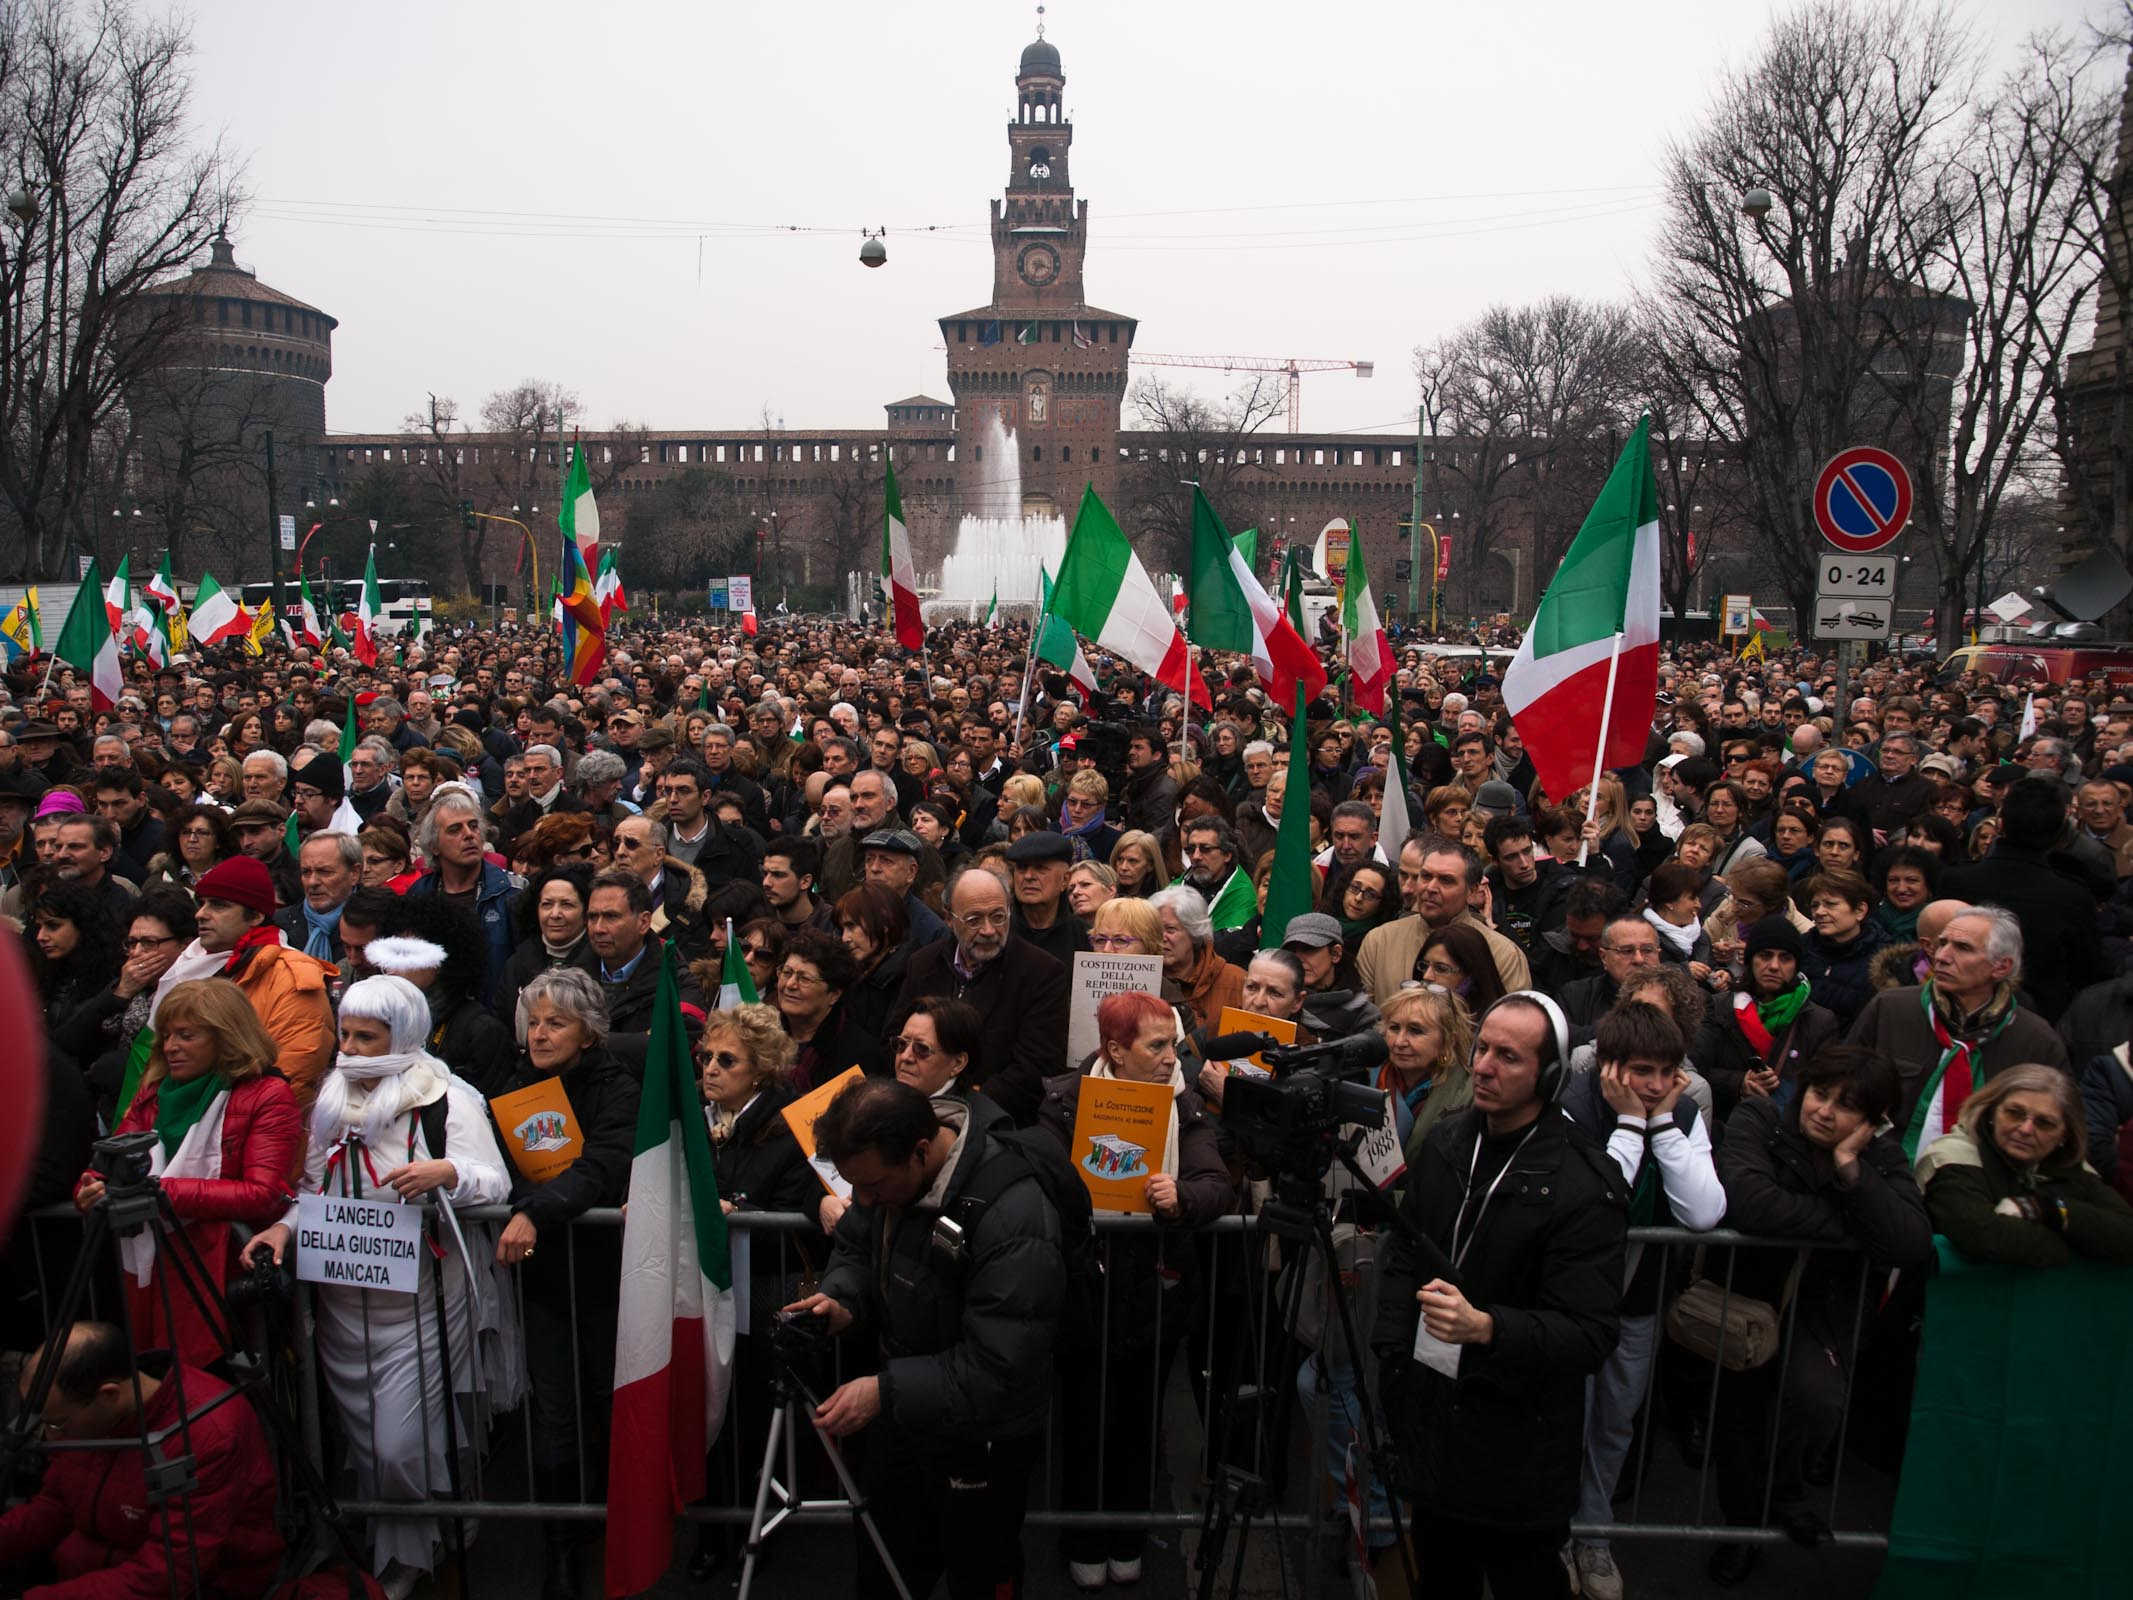 March 12th 2011 - Piazza Castello, Milano (Italy)